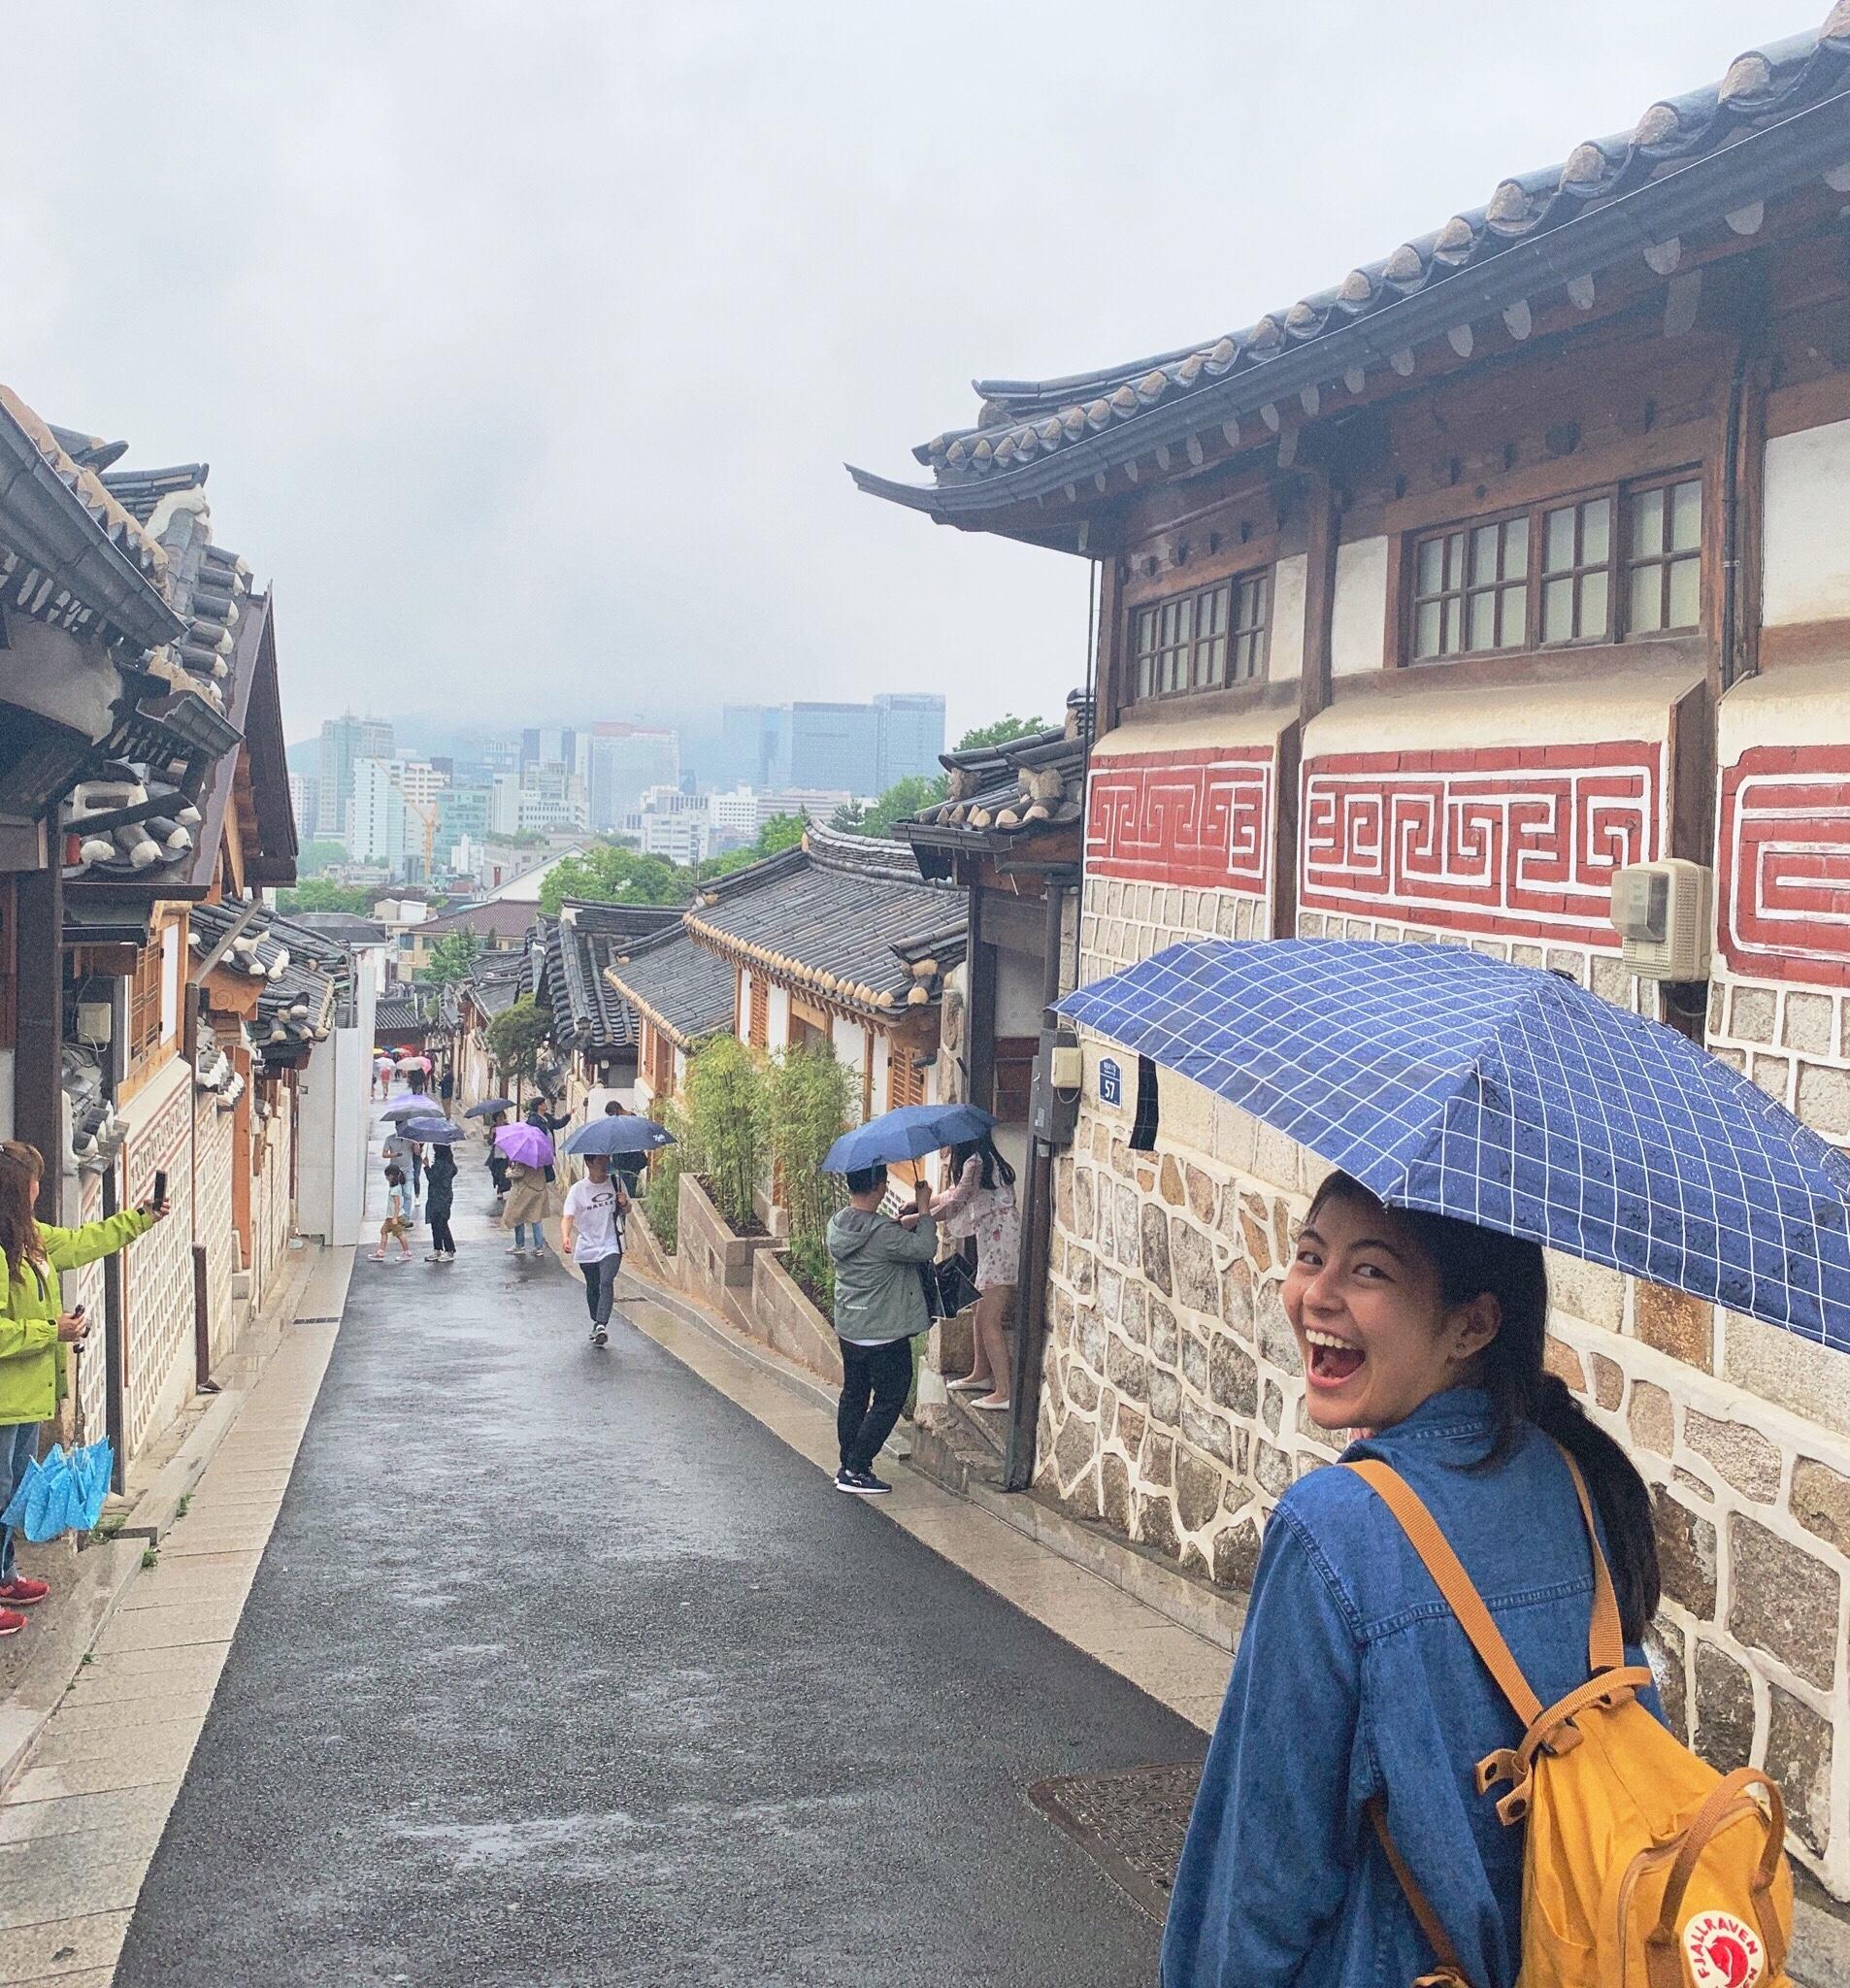 Brianna Chan with an umbrella